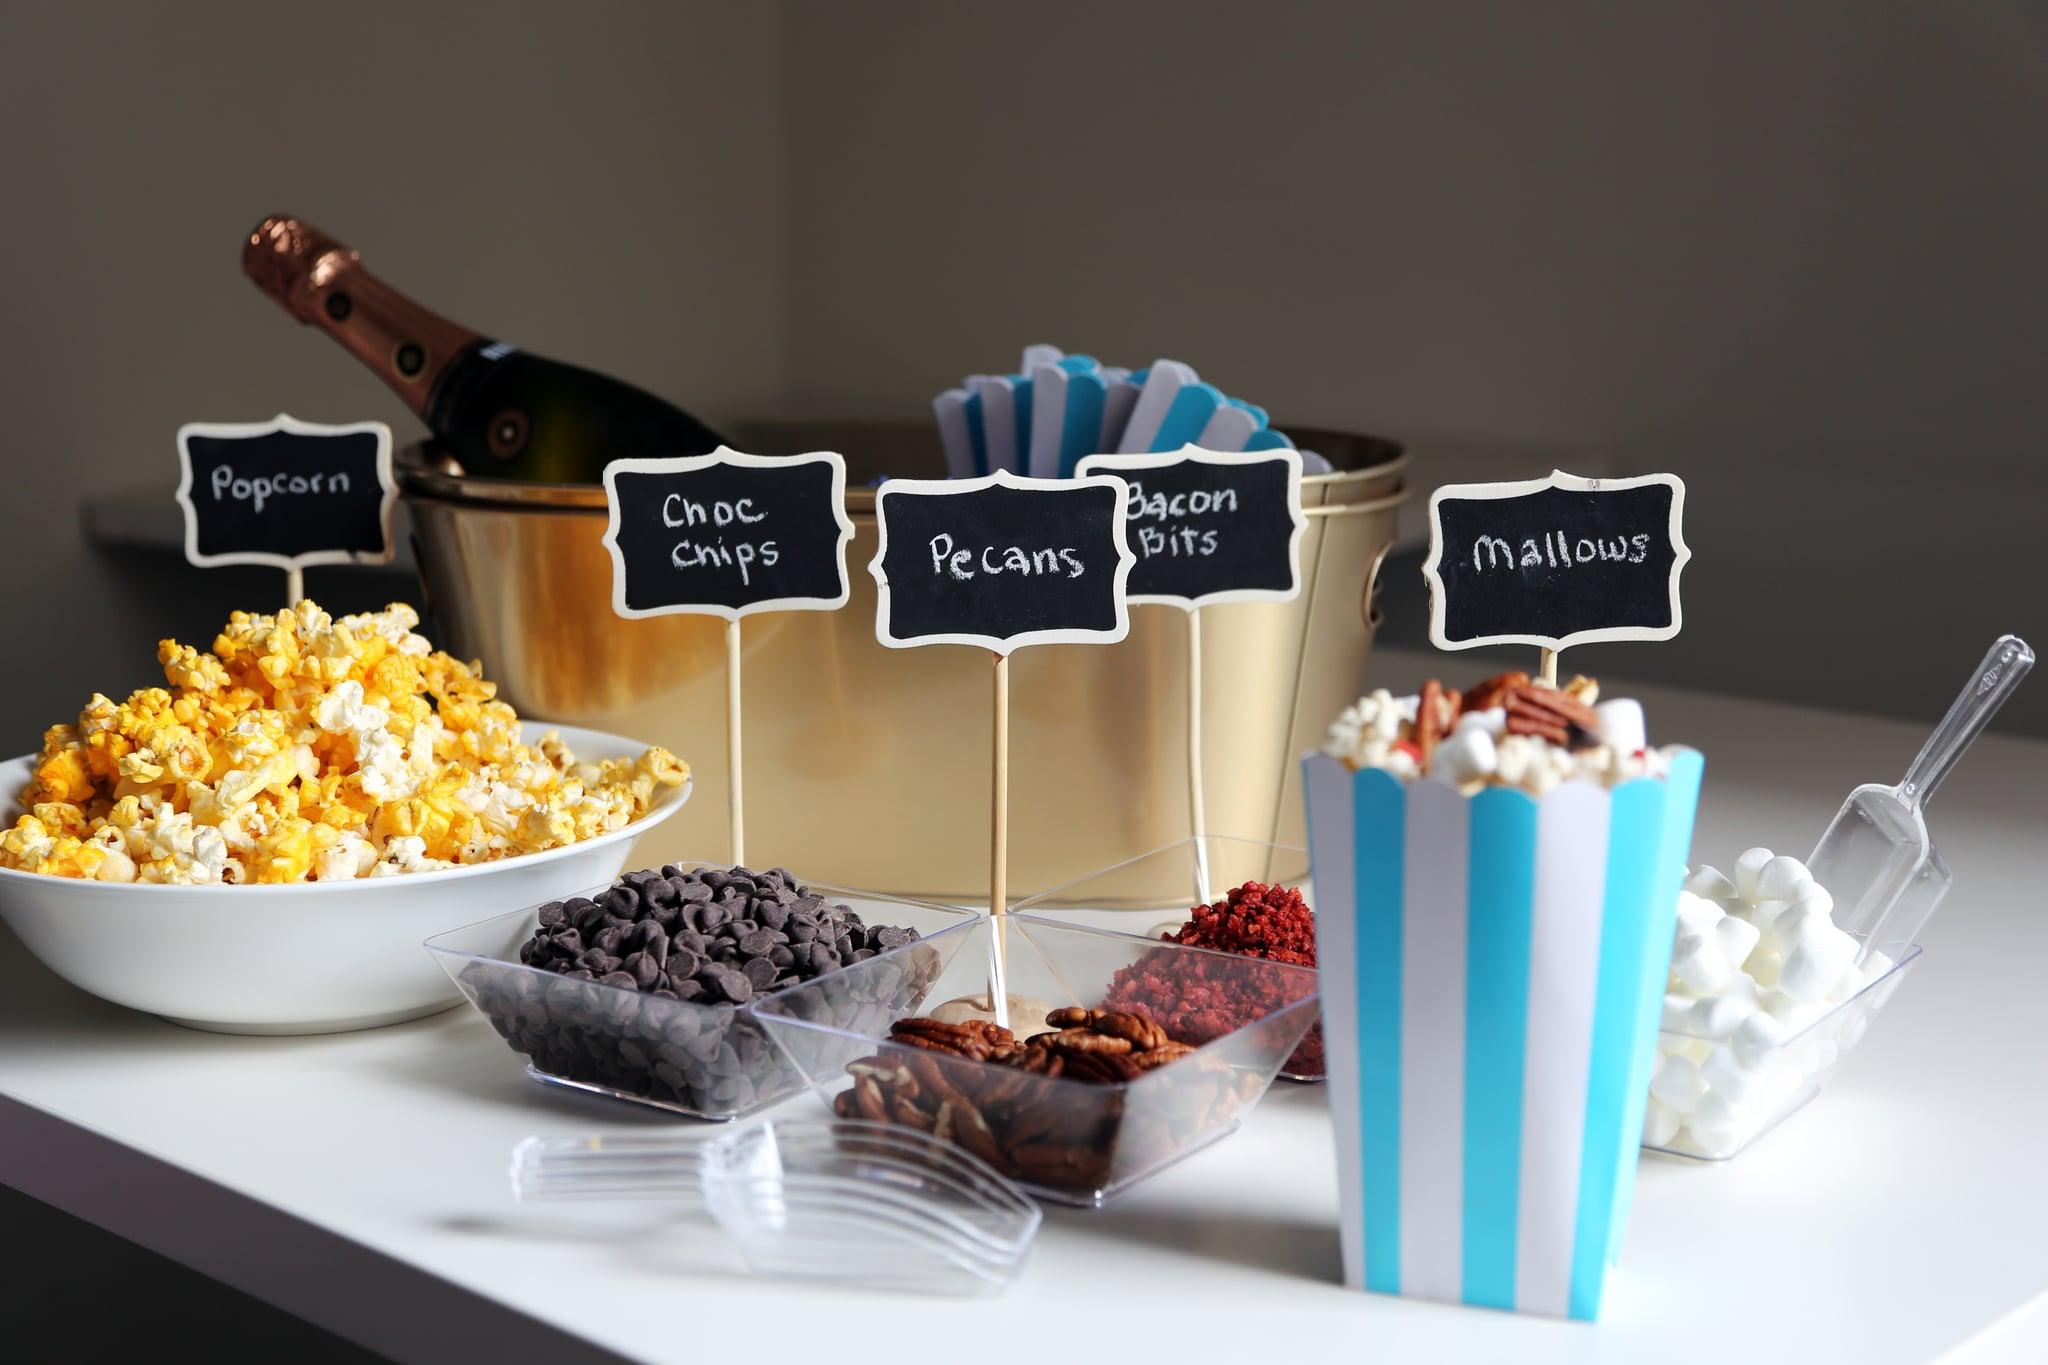 How to Set Up a DIY Popcorn Bar | POPSUGAR Food